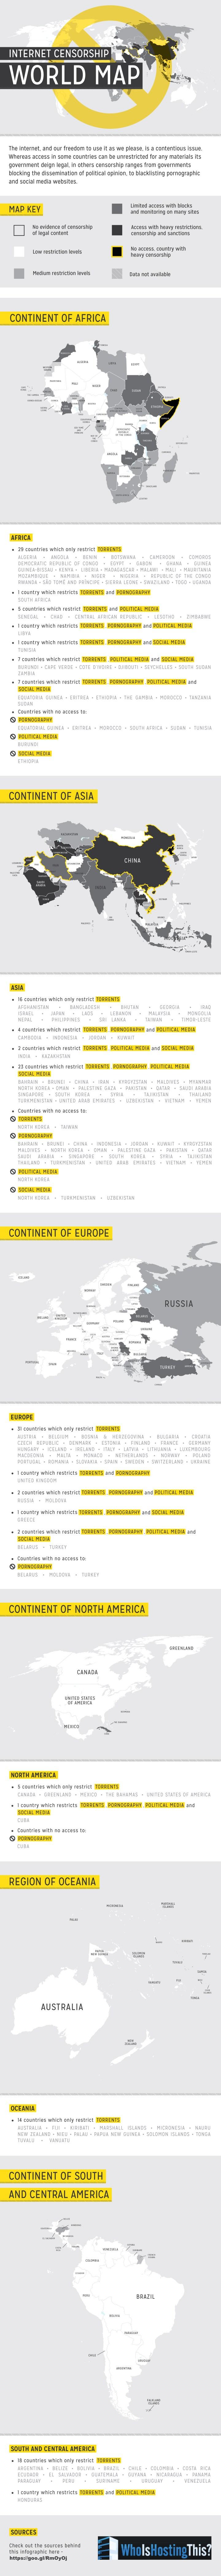 Cenzura w internecie - mapa świata - infografika